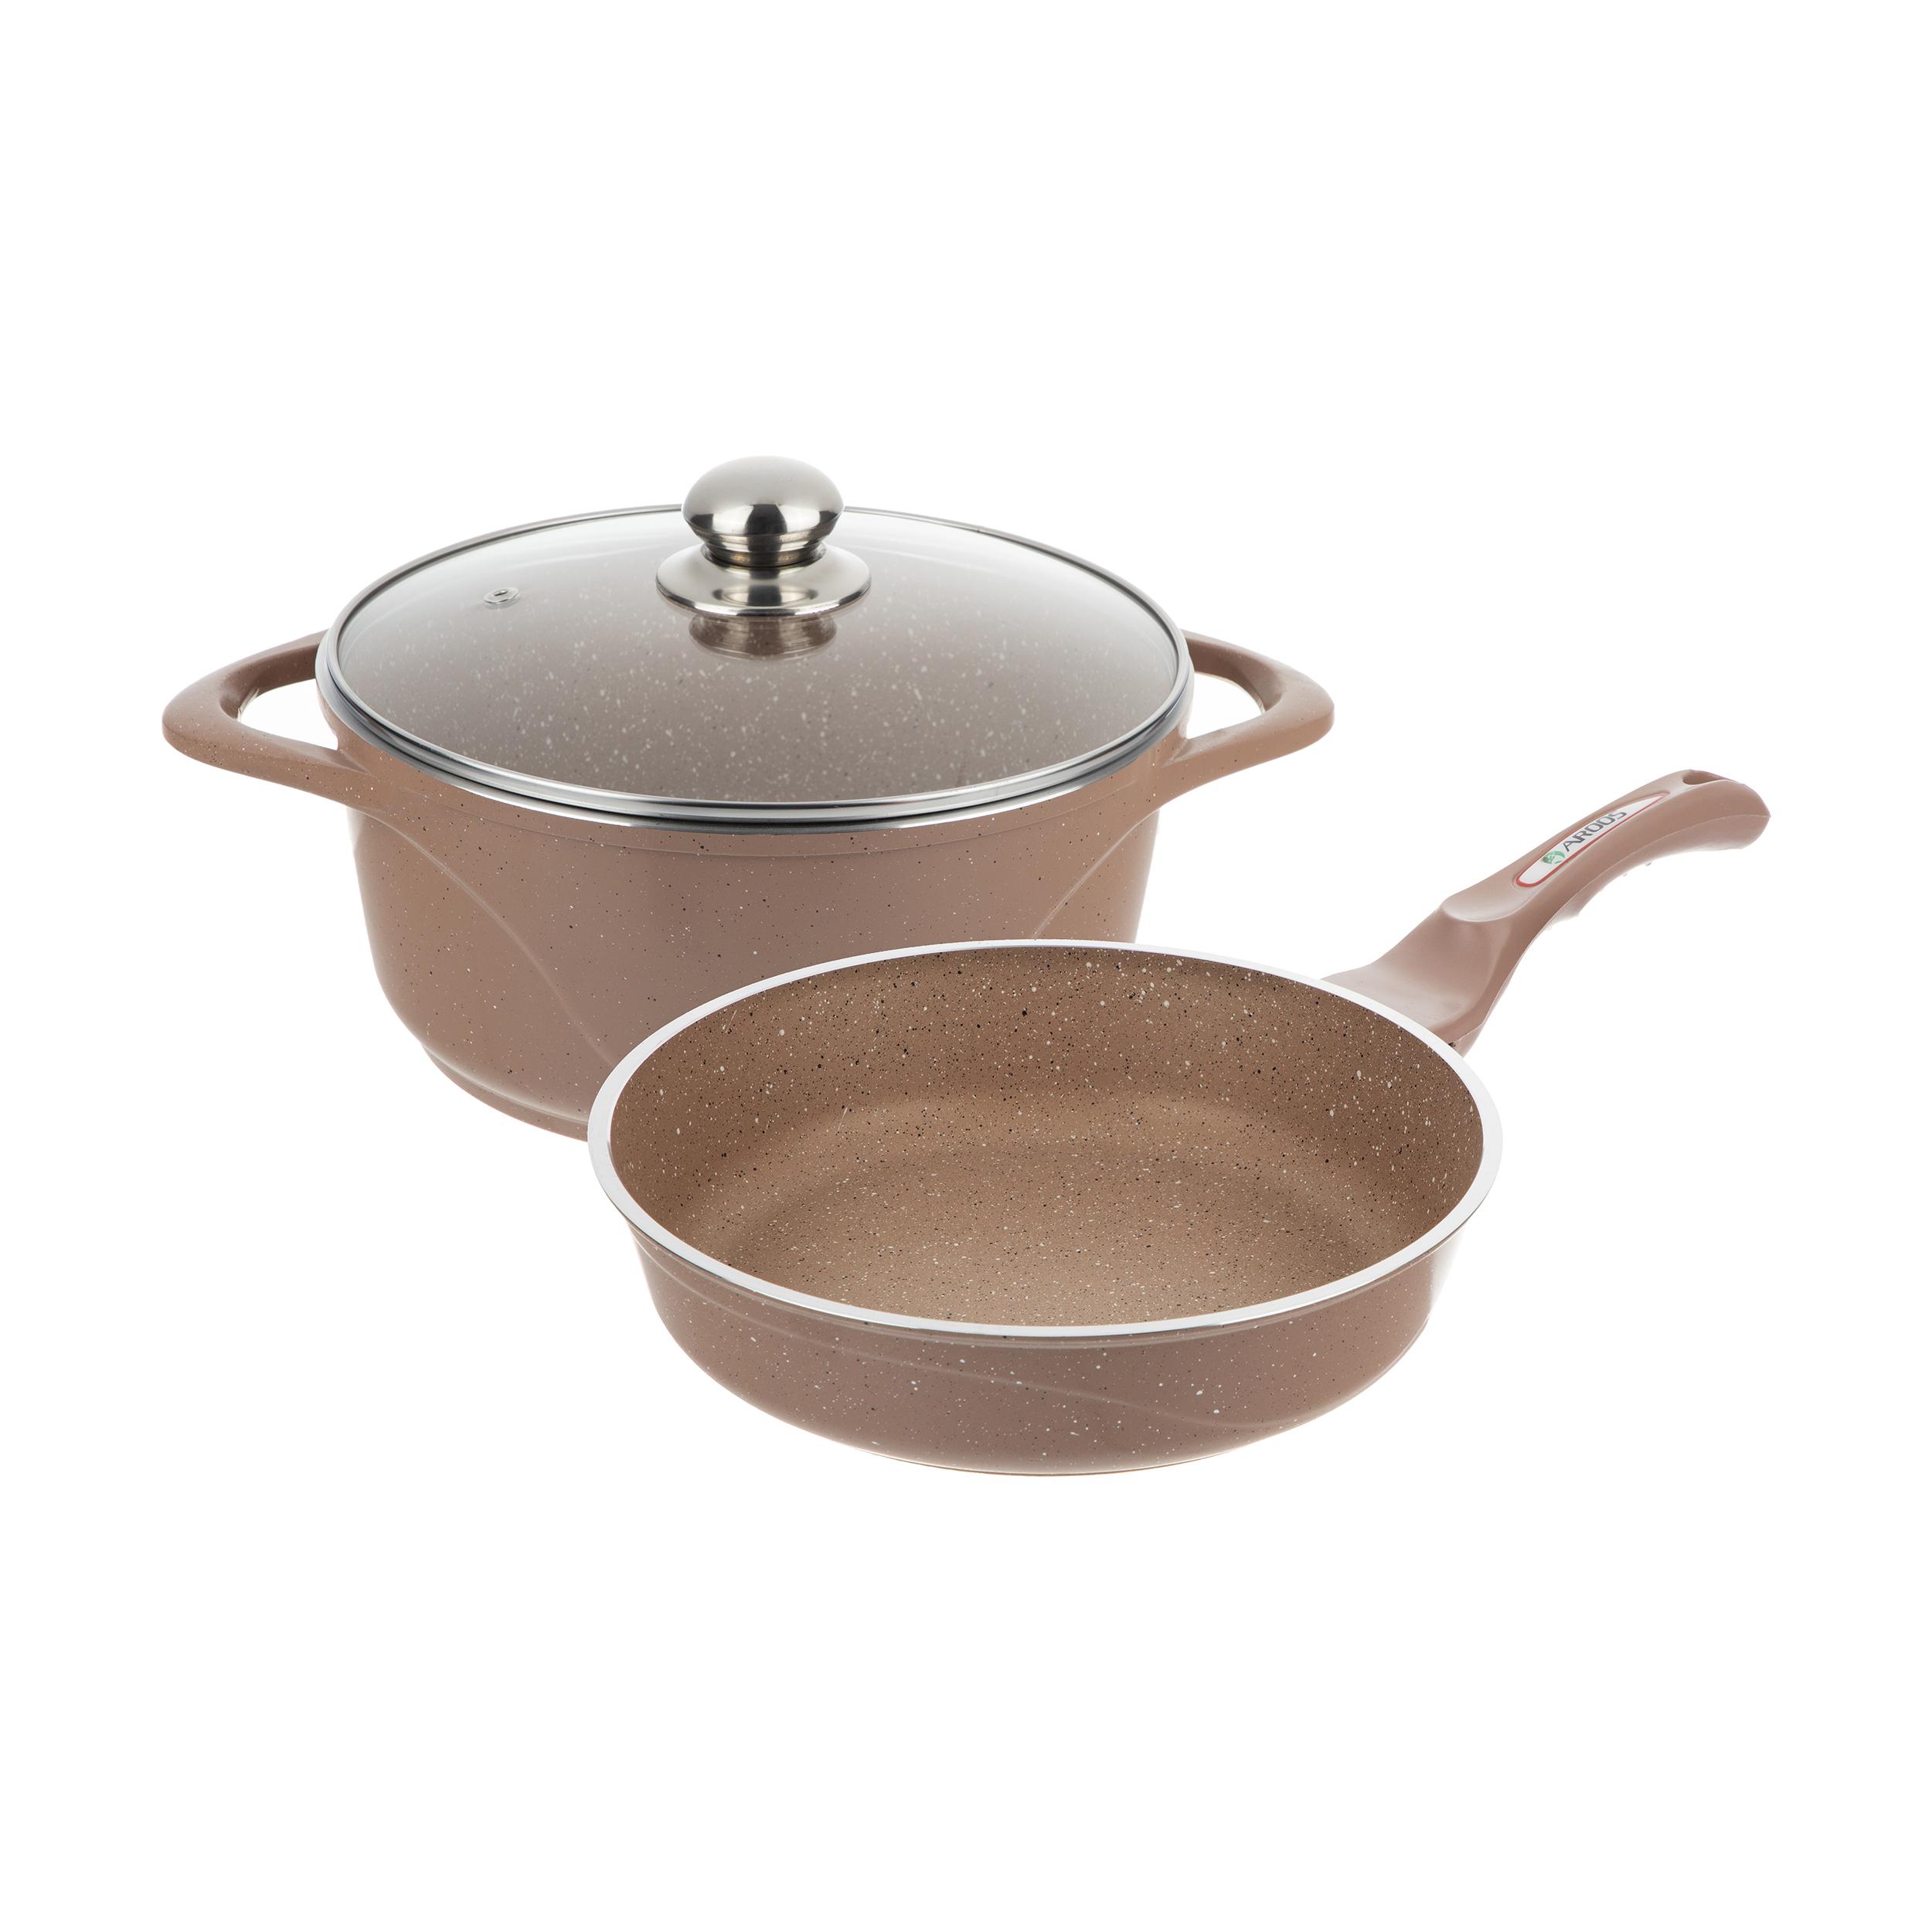 سرویس پخت و پز 3 پارچه عروس مدل ویکتوریا کد 002